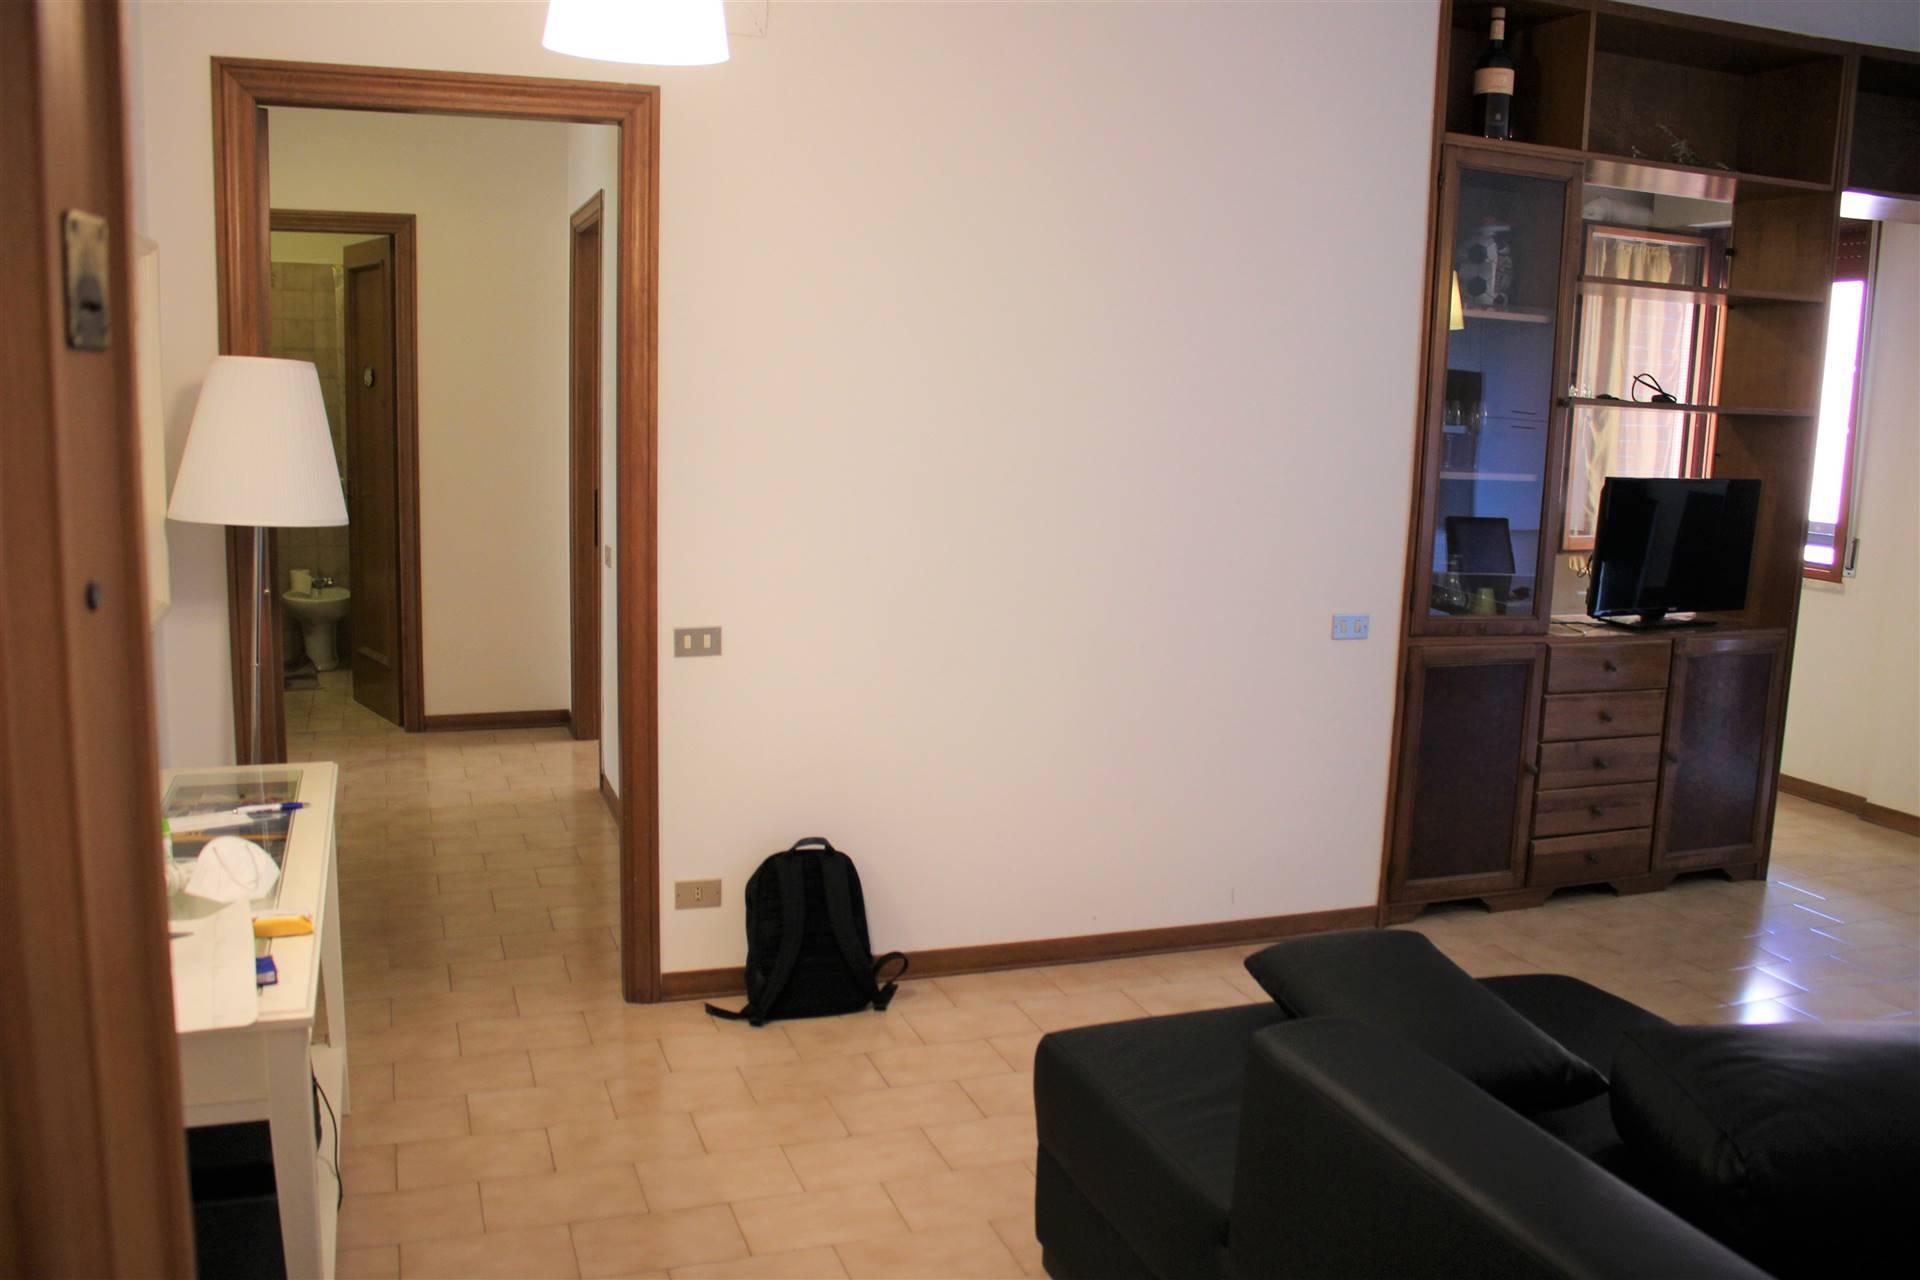 ingresso - soggiorno